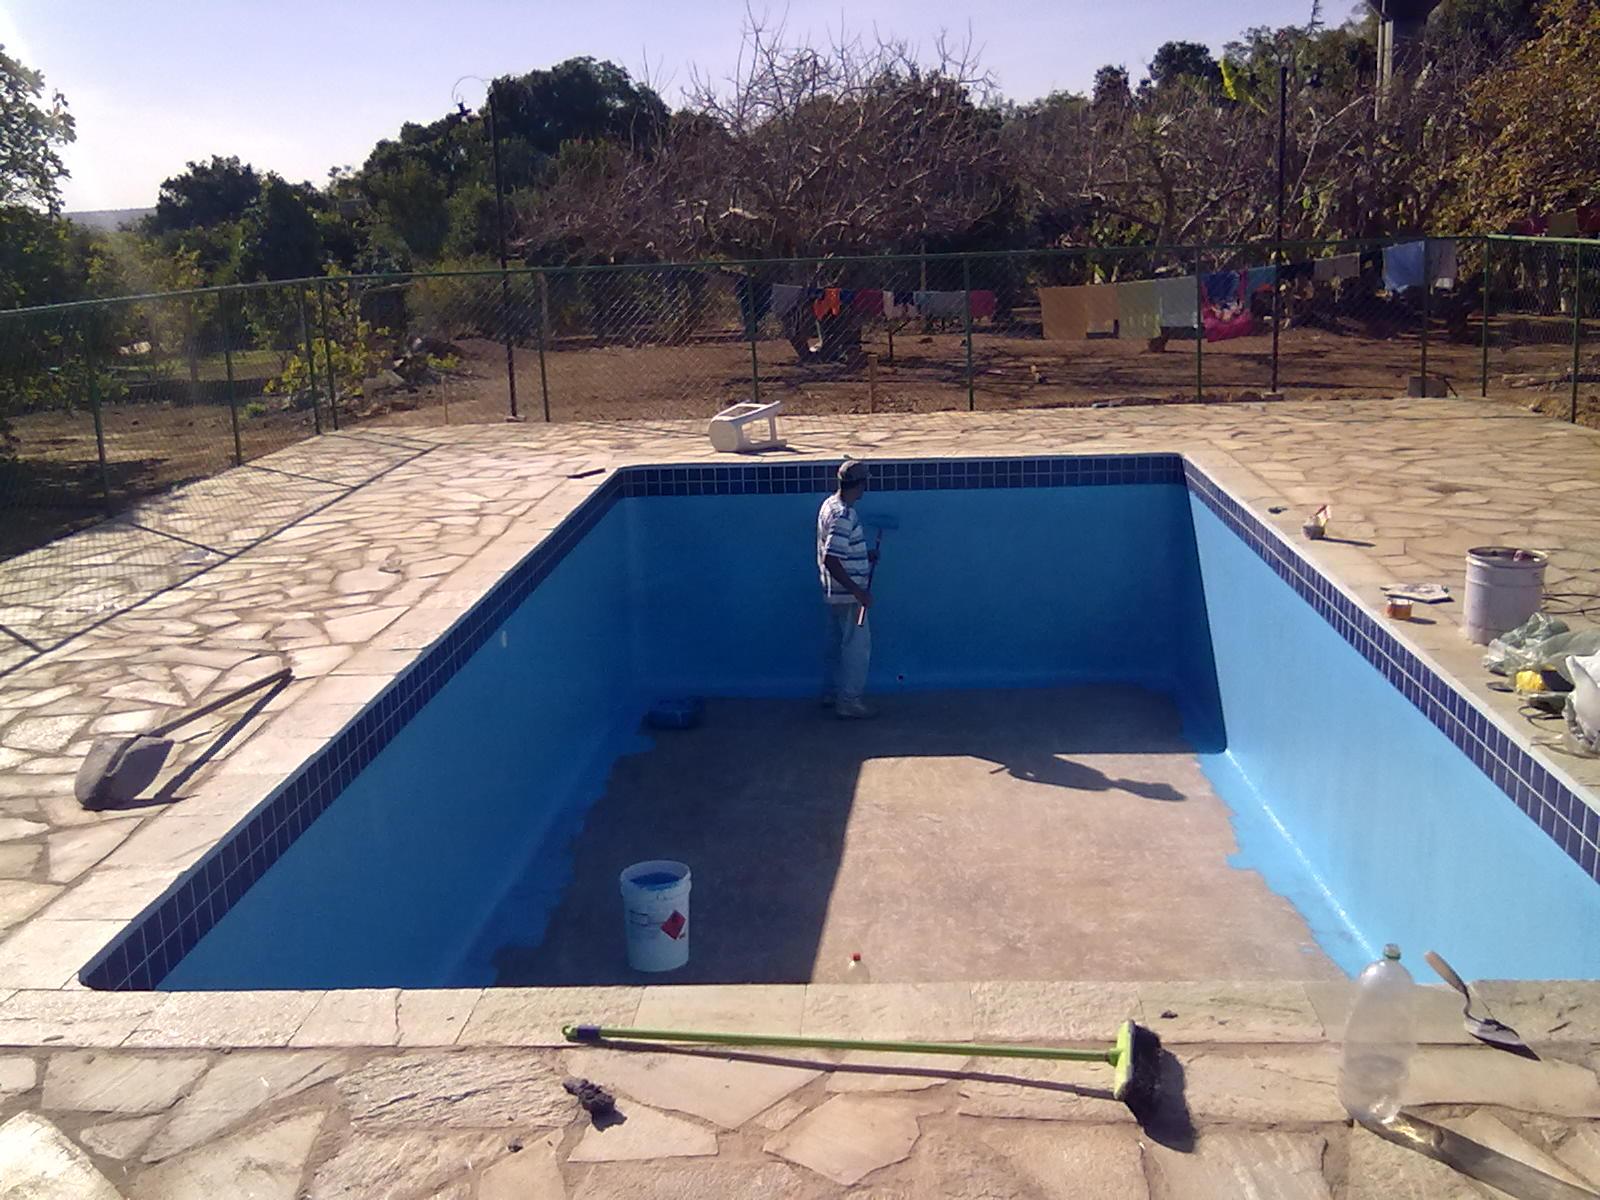 Aquafree piscinas piscina passo a passo - Piscina da interno ...